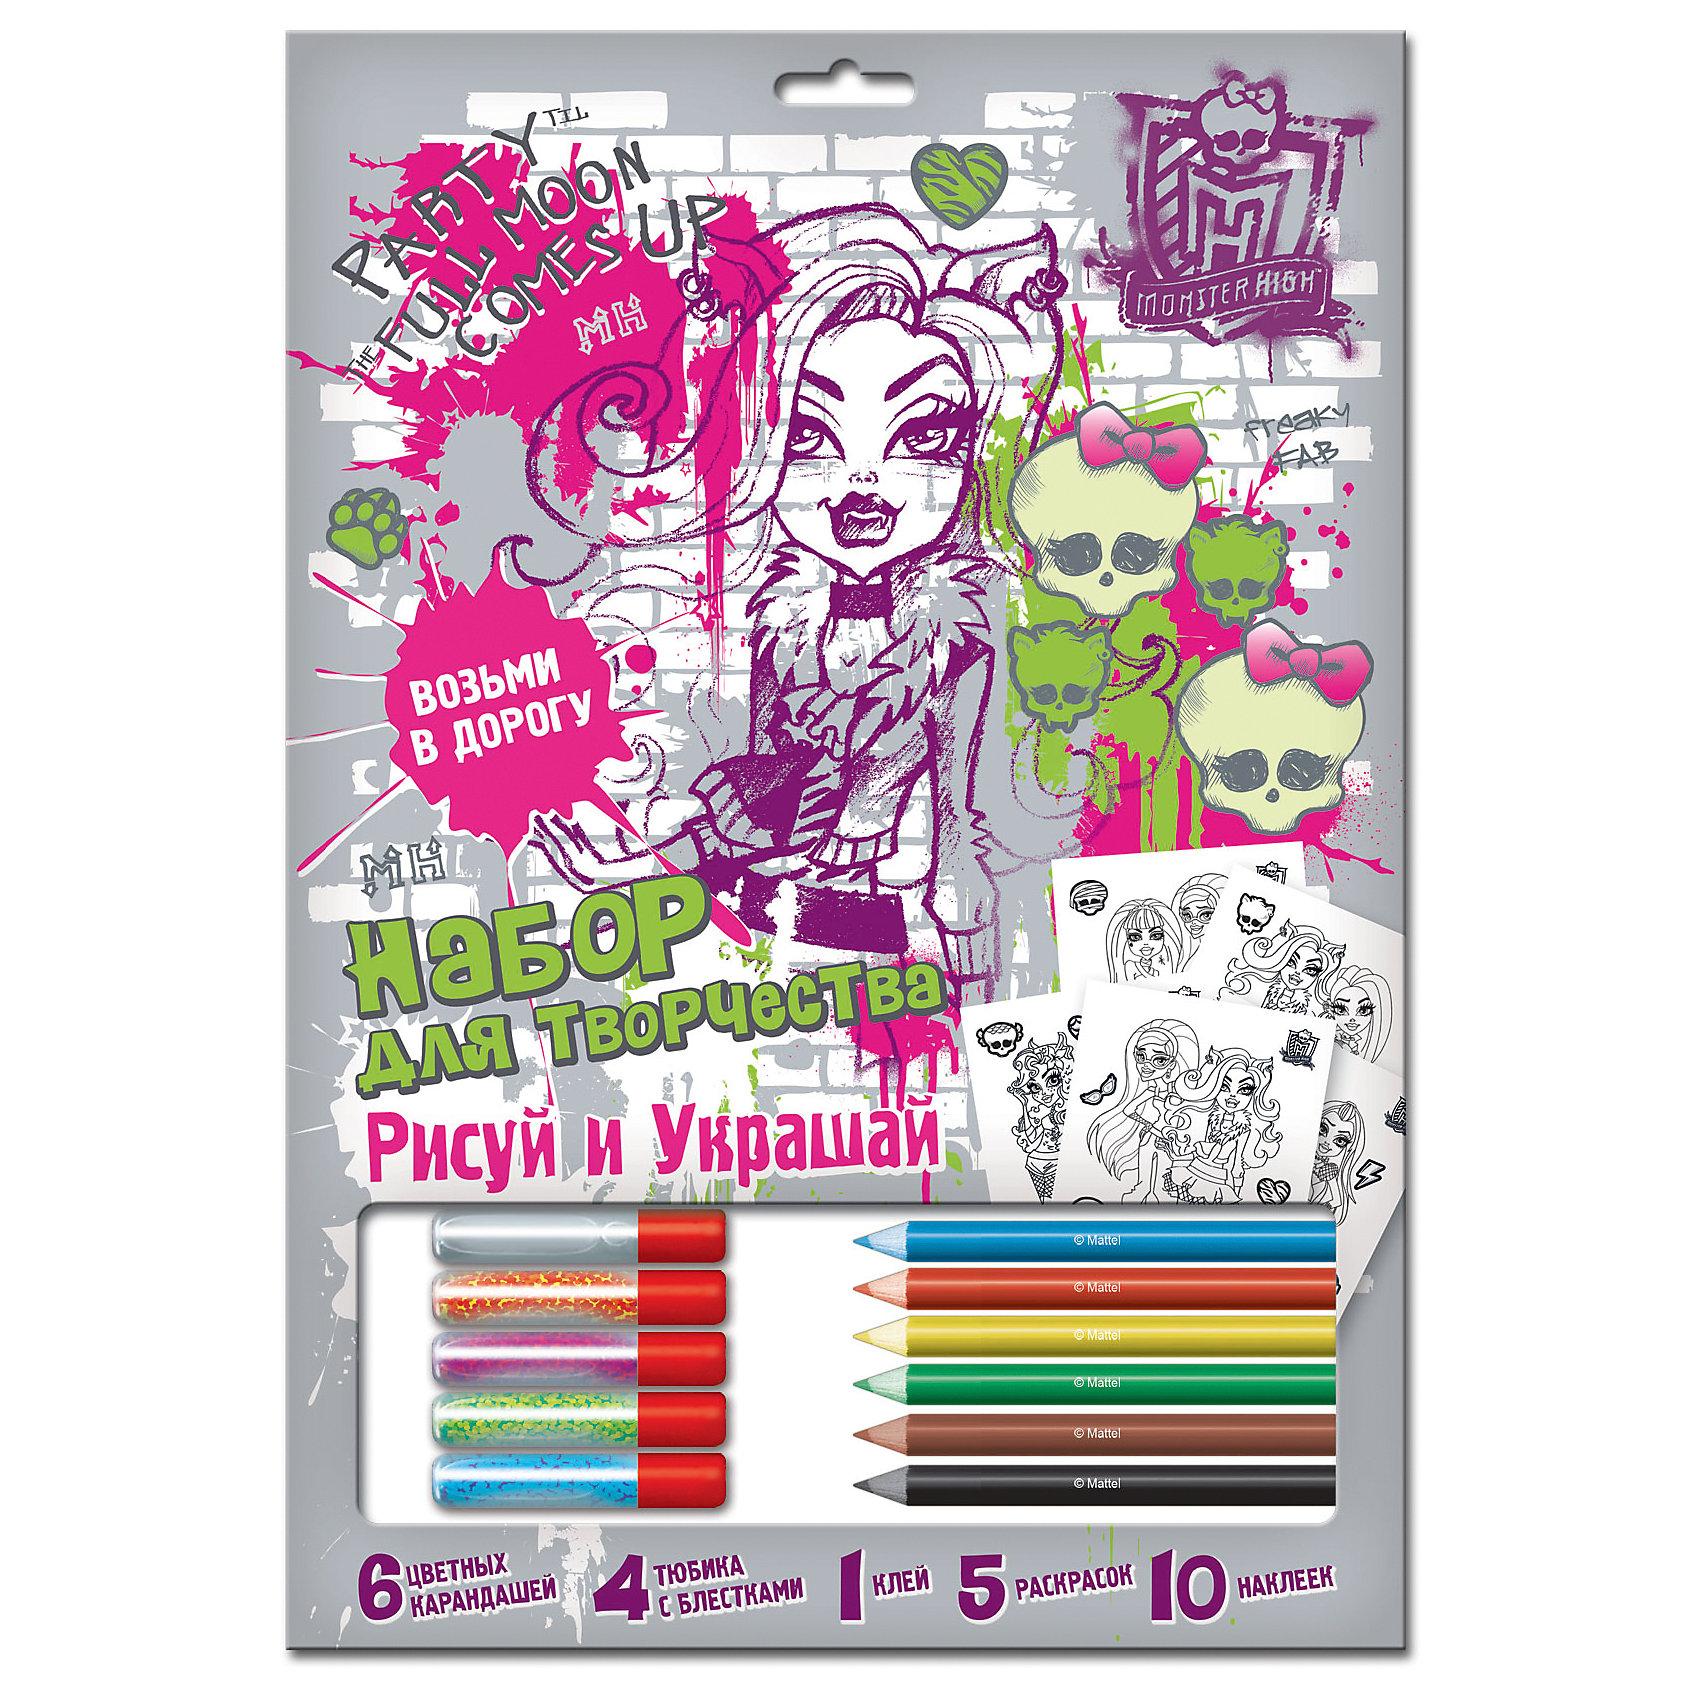 Раскраска с блестками Рисуй и украшай, Monster HighРаскраски по номерам<br>Раскраска с блестками Рисуй и украшай, Monster High (Монстр Хай) – этот набор для творчества порадует поклонниц мультсериала Школа Монстров.<br>Этот набор предназначен для создания красивых ярких картинок, которыми ваша девочка будет гордиться, и сможет повесить у себя в комнате. В наборе предусмотрено все необходимое раскраски, блестки, клей, карандаши, наклейки.<br><br>Дополнительная информация:<br><br>- В наборе: 5 раскрасок, 1 клей, 4 тюбика блесток, 6 карандашей, 10 наклеек<br><br>Раскраску с блестками Рисуй и украшай, Monster High (Монстр Хай) можно купить в нашем интернет-магазине.<br><br>Ширина мм: 500<br>Глубина мм: 350<br>Высота мм: 280<br>Вес г: 131<br>Возраст от месяцев: 60<br>Возраст до месяцев: 96<br>Пол: Женский<br>Возраст: Детский<br>SKU: 3986128